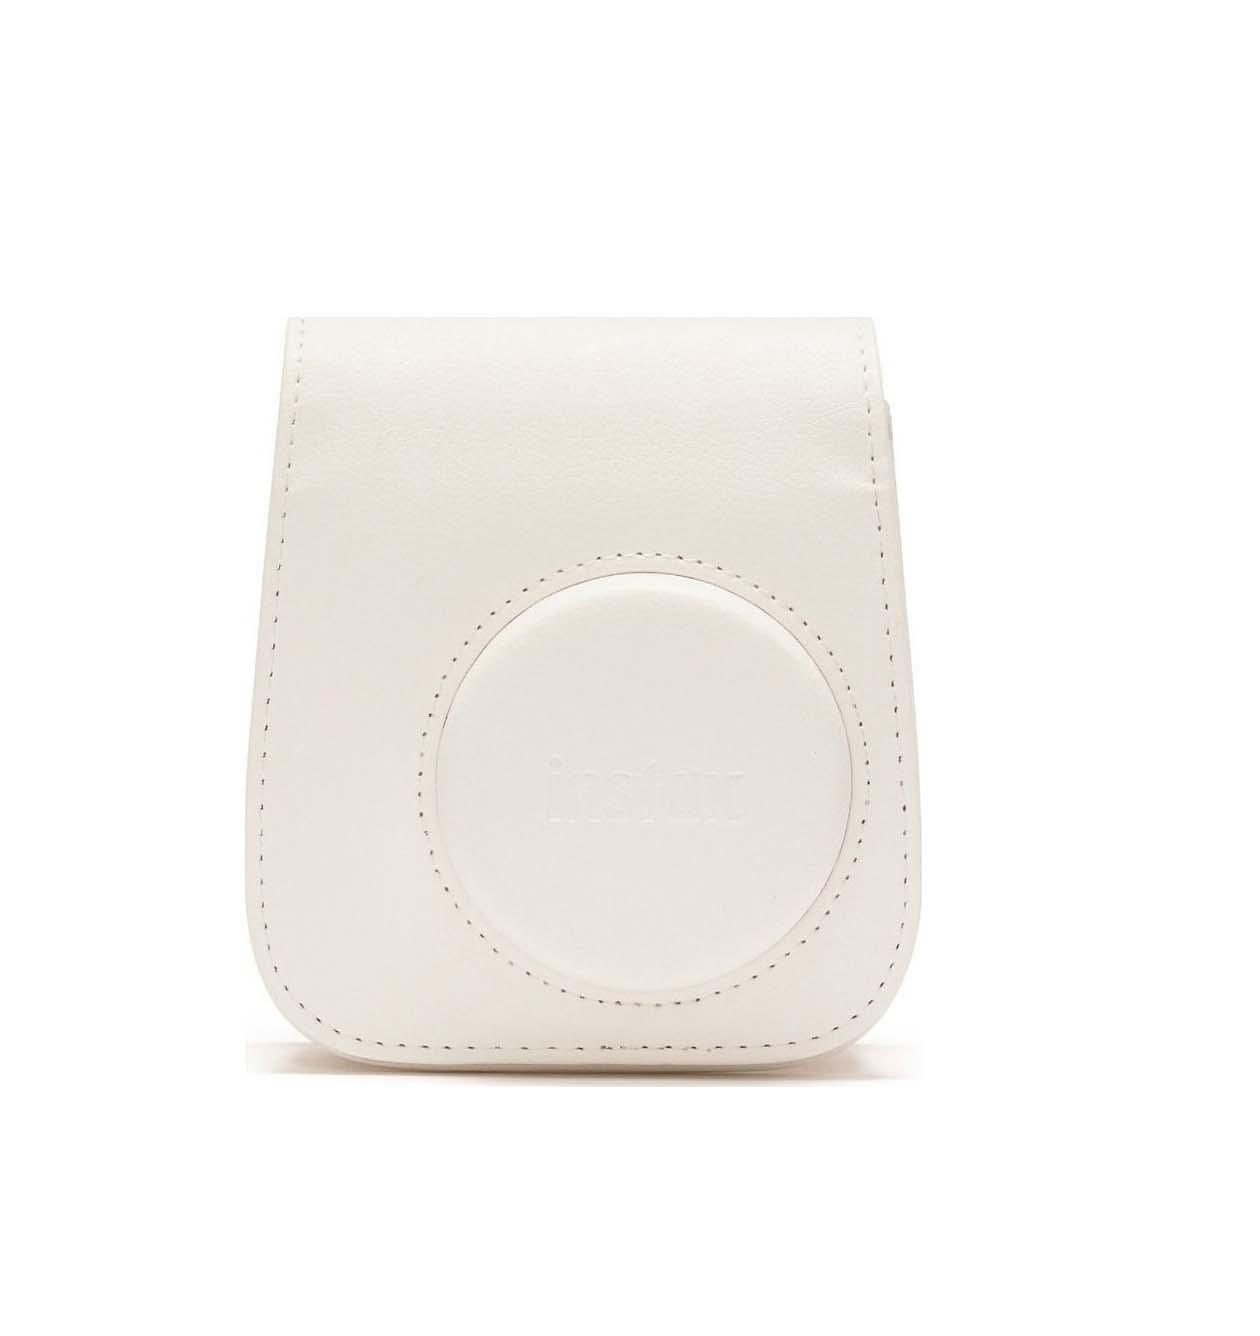 Fujifilm Camera Bag For Instax Mini 11 Ice White 70100146243